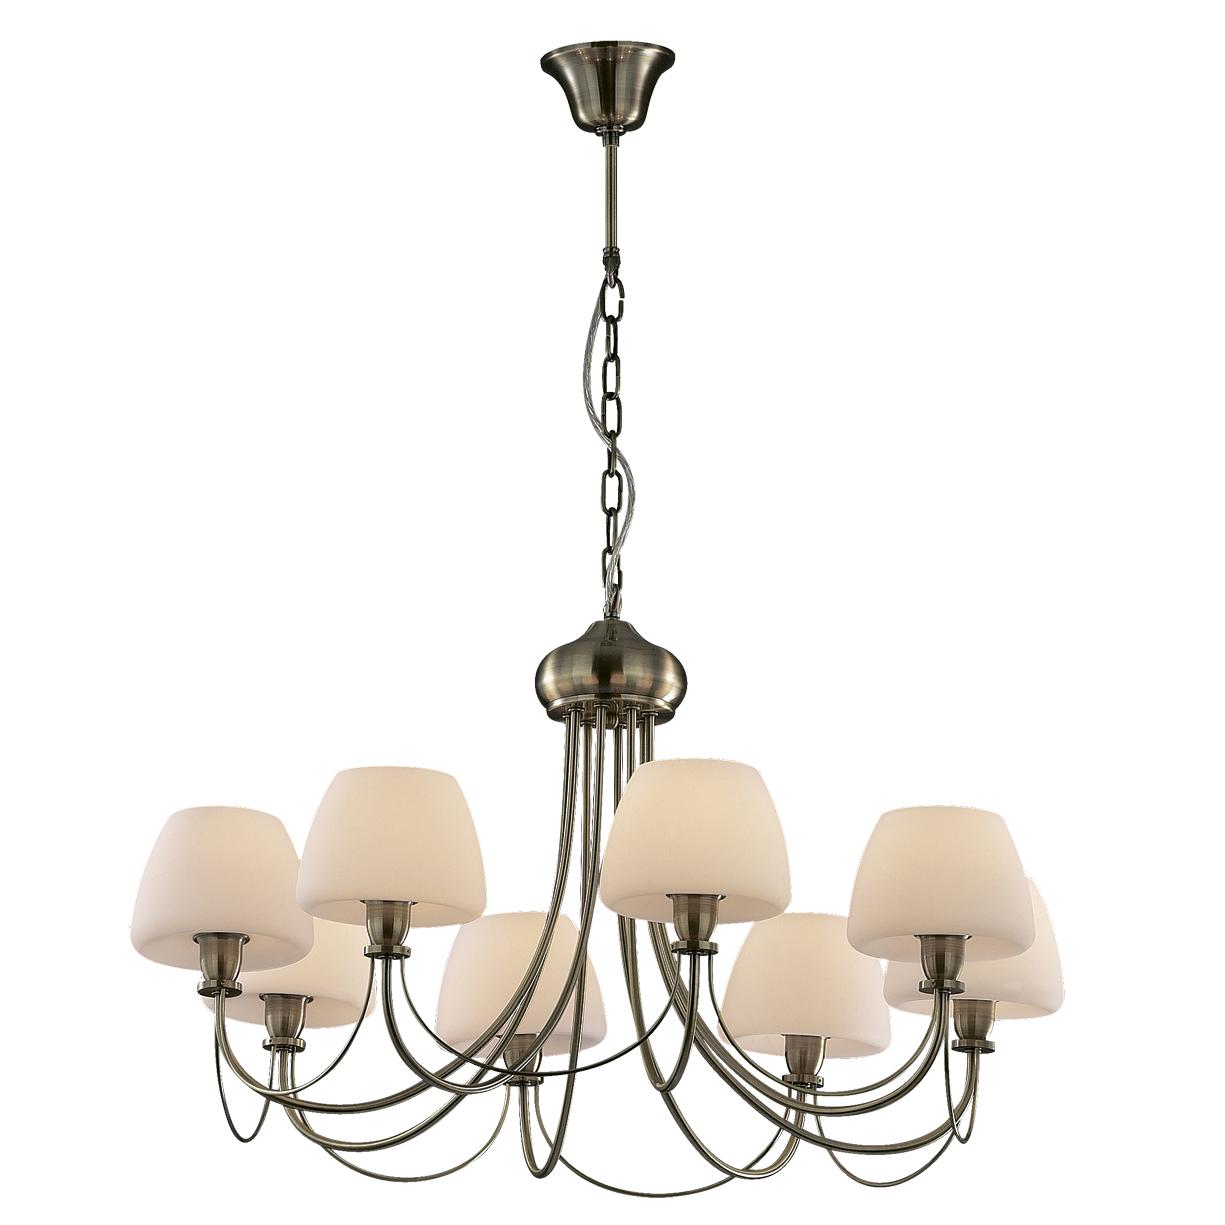 Люстра Odeon lightЛюстры<br>Назначение светильника: для комнаты,<br>Стиль светильника: классика,<br>Тип: подвесная,<br>Материал светильника: металл, стекло,<br>Материал плафона: стекло,<br>Материал арматуры: металл,<br>Ширина: 740,<br>Высота: 420,<br>Количество ламп: 8,<br>Тип лампы: накаливания,<br>Мощность: 60,<br>Патрон: Е14,<br>Цвет арматуры: бронза,<br>Вес нетто: 5.7,<br>Коллекция: vesto<br>